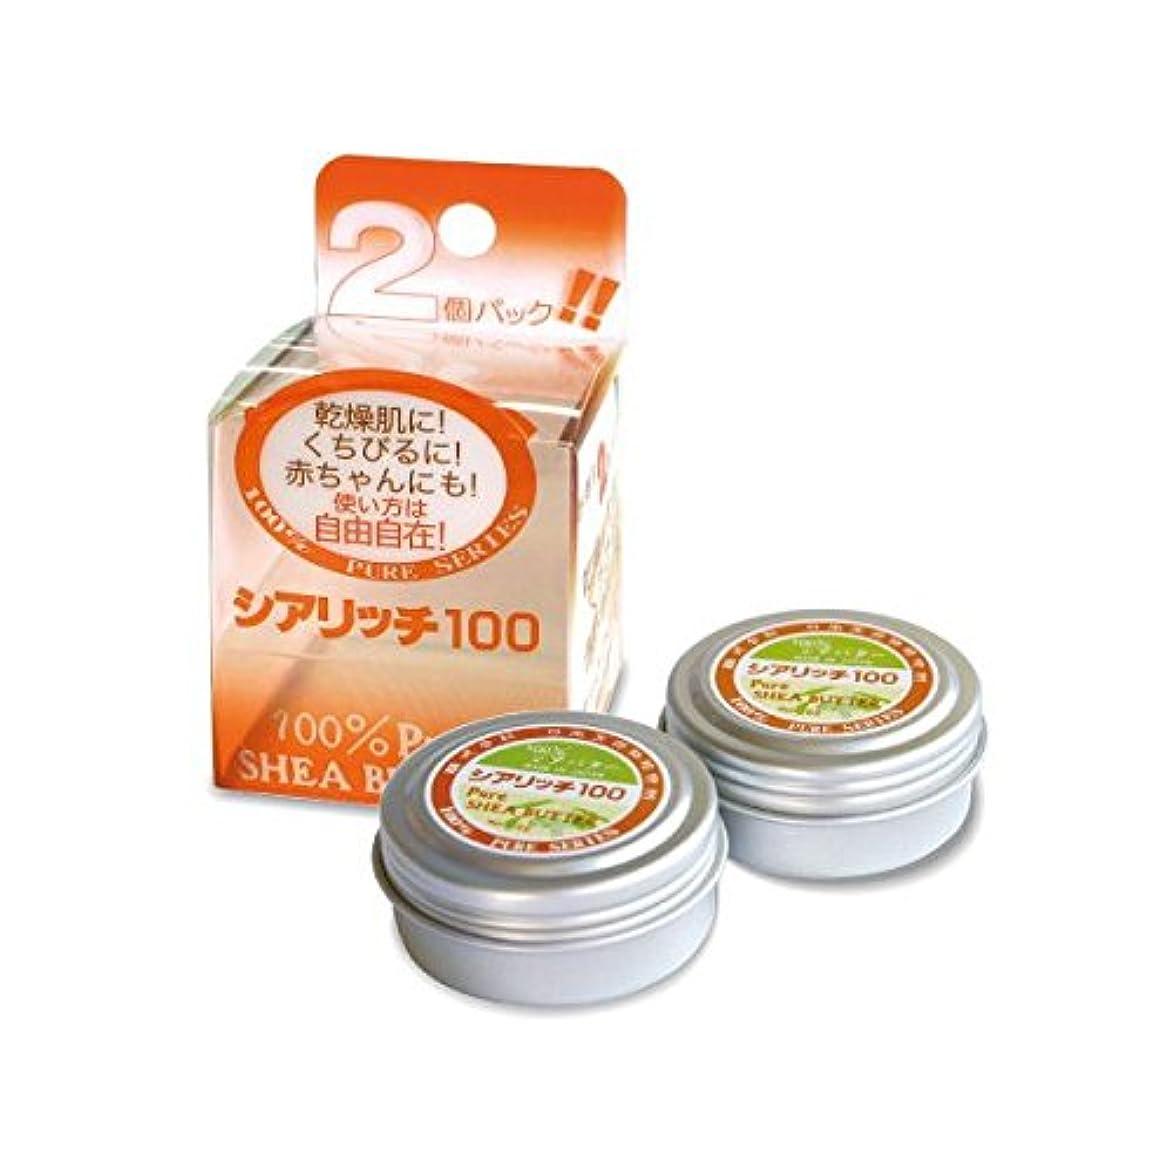 武装解除ボウリング玉日本天然物研究所 シアリッチ100 (8g×2個入り)【単品】(無添加100%シアバター)無香料